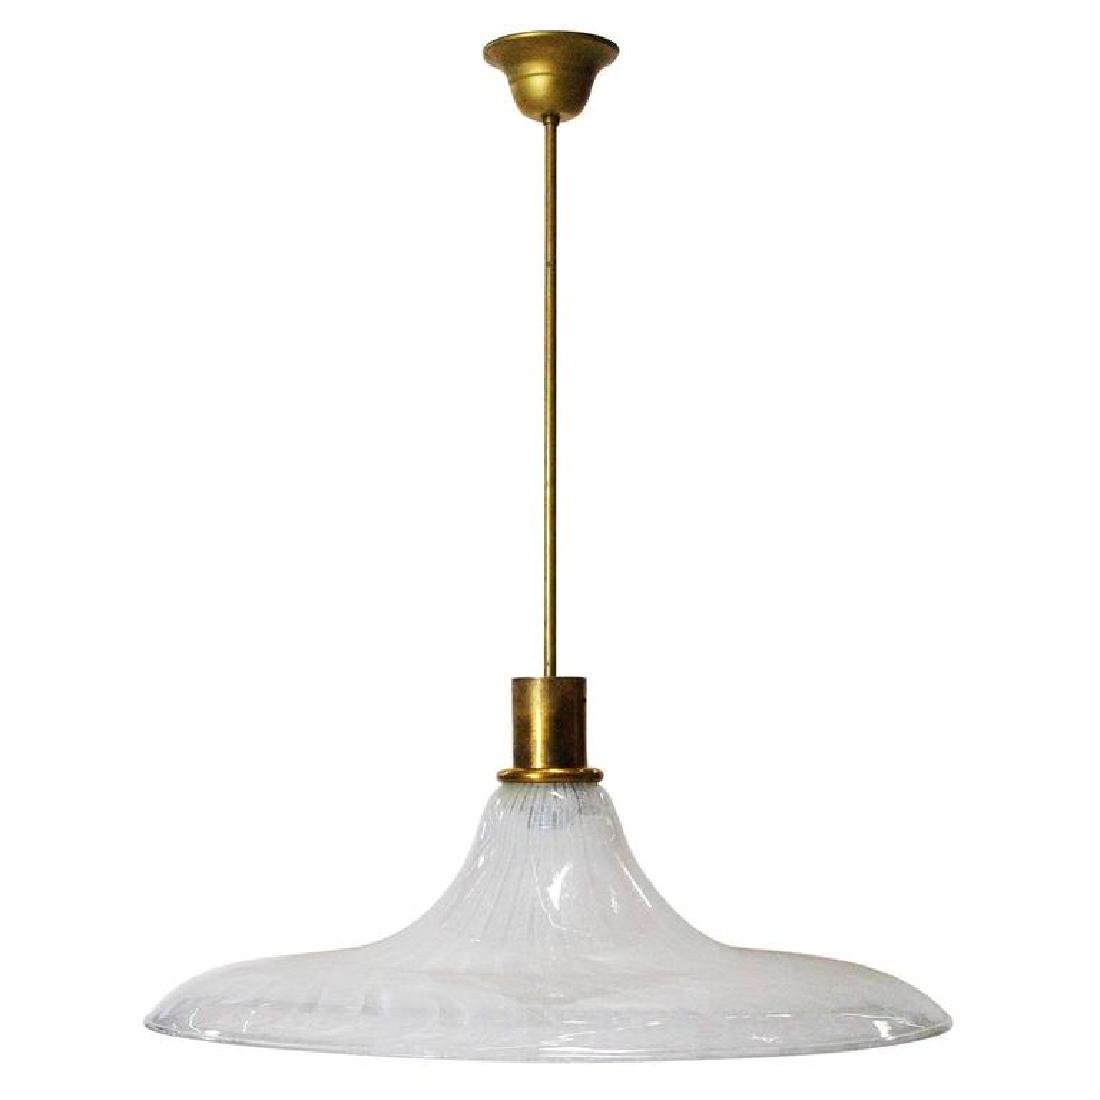 Italian Murano Glass Filigrana Pendant by Venini